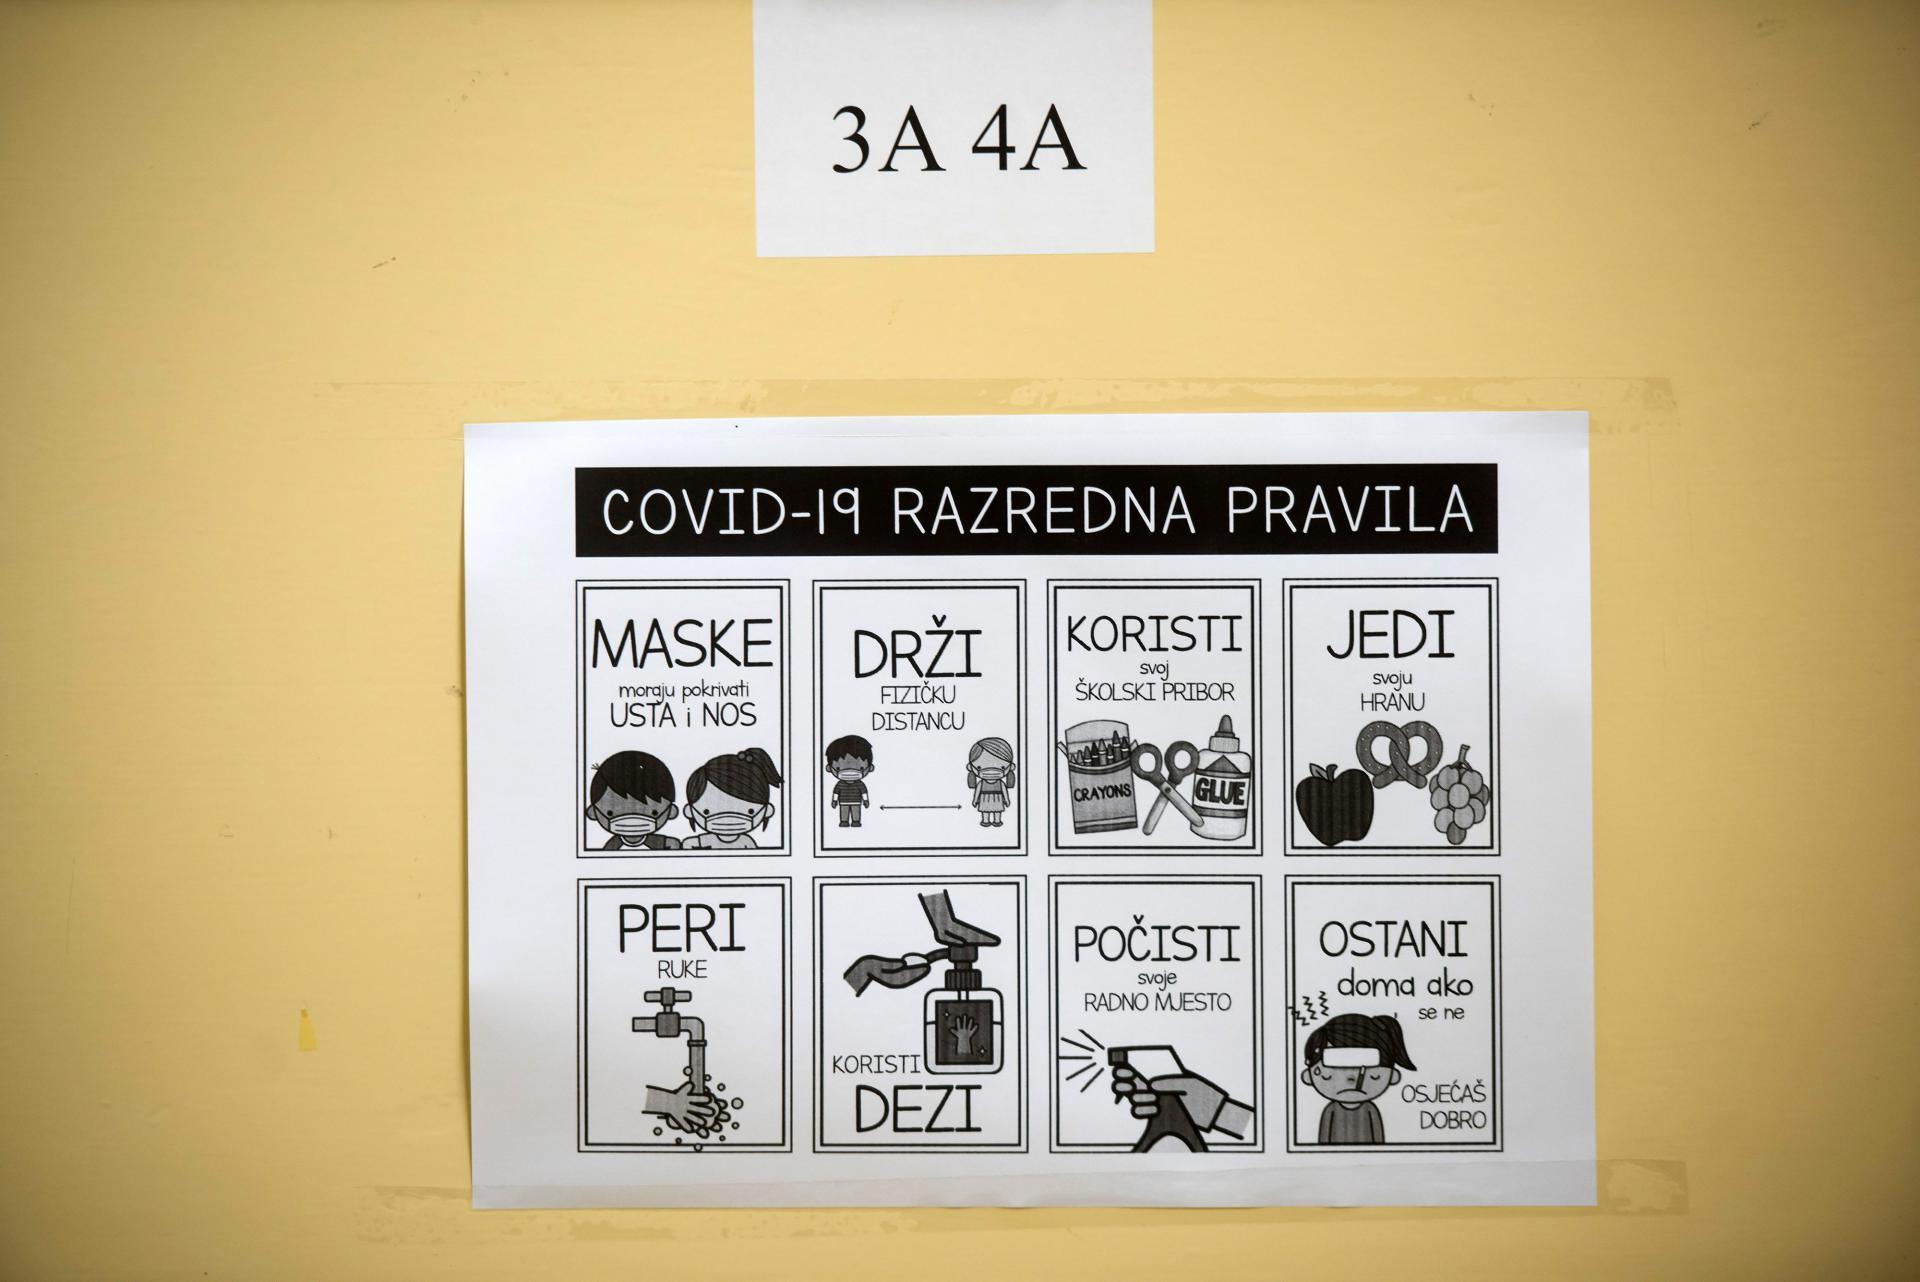 Zbog stabilne epodemiološke slike: nastava u svim školama na području Zadarske županije od ponedjeljka se održava po modelu A